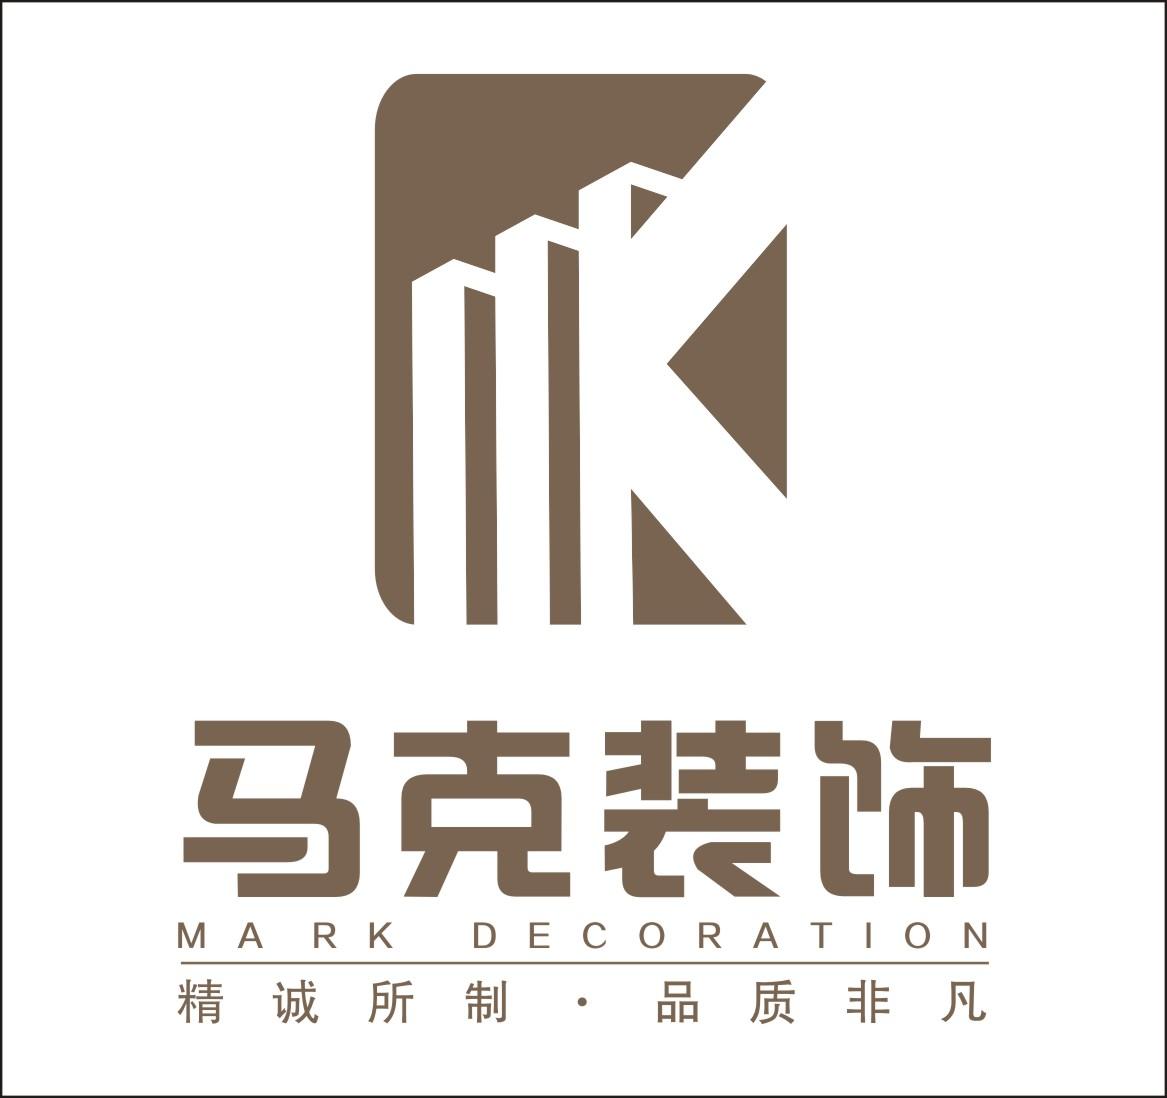 湖南马克空间设计有限公司